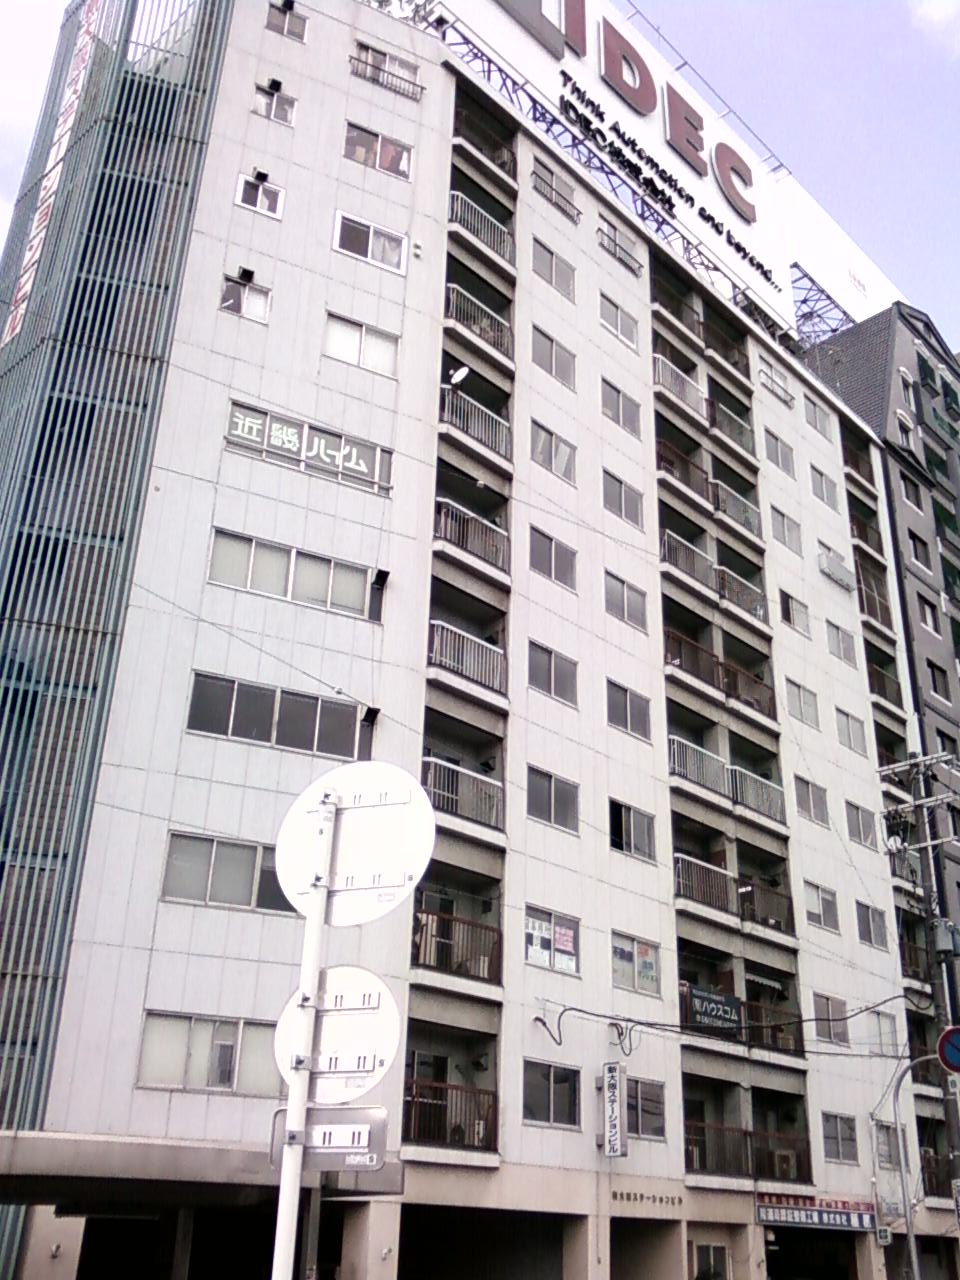 行くぜ新大阪!!_d0106237_214043.jpg